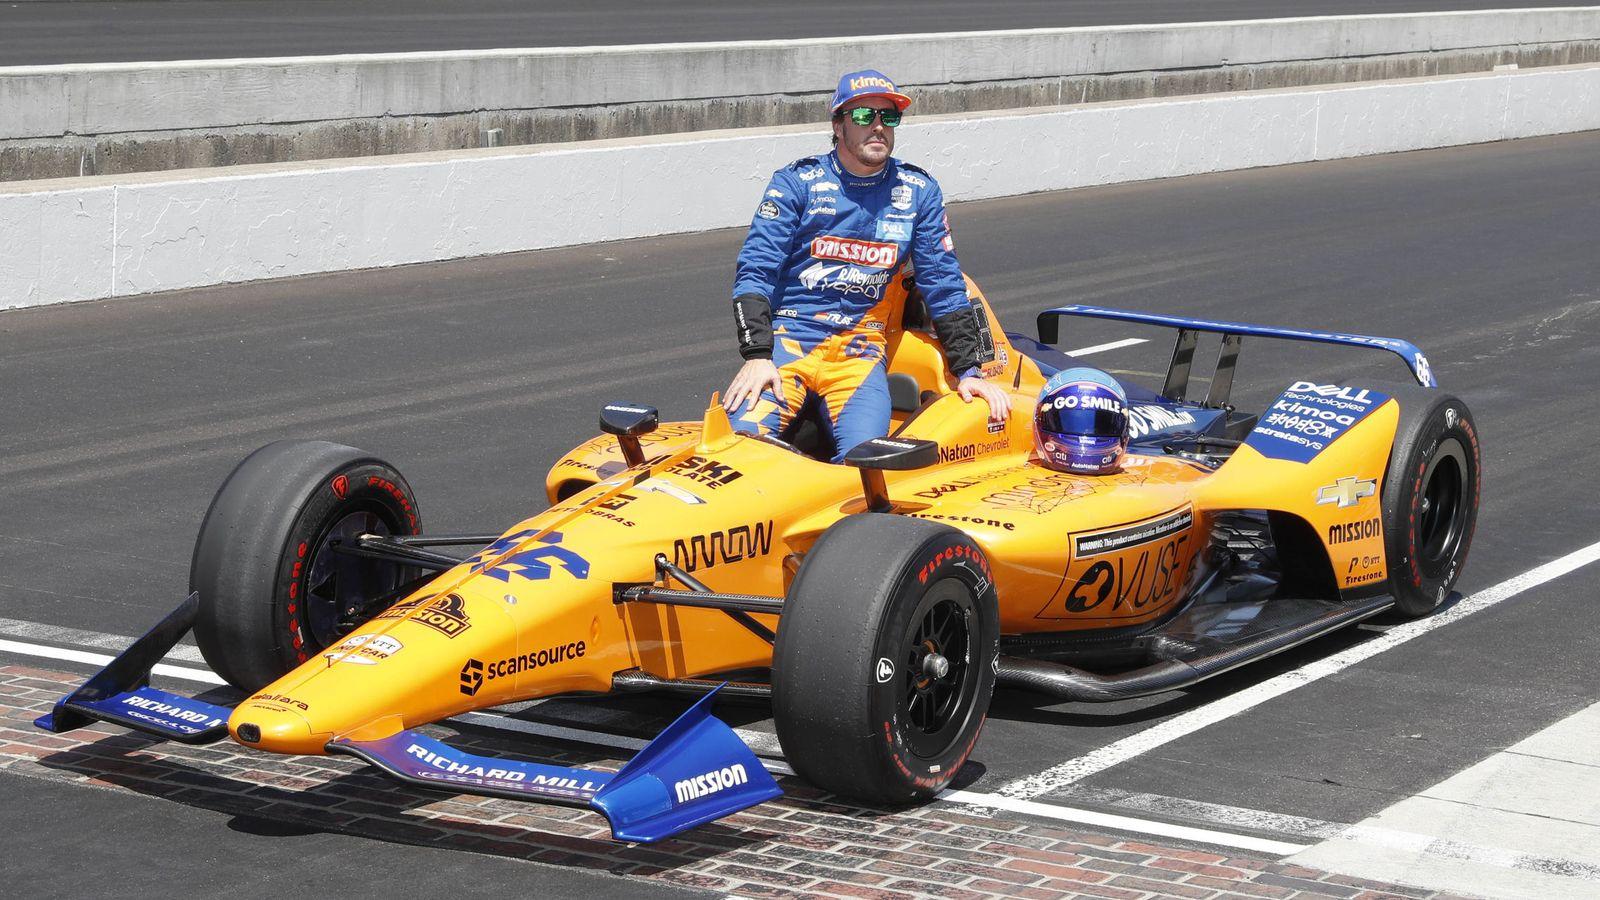 Foto: Fernando Alonso no se clasificó para las 500 Millas de Indianápolis 2019, su segunda vez en la cita estrella de la IndyCar. (USA TODAY Sports)